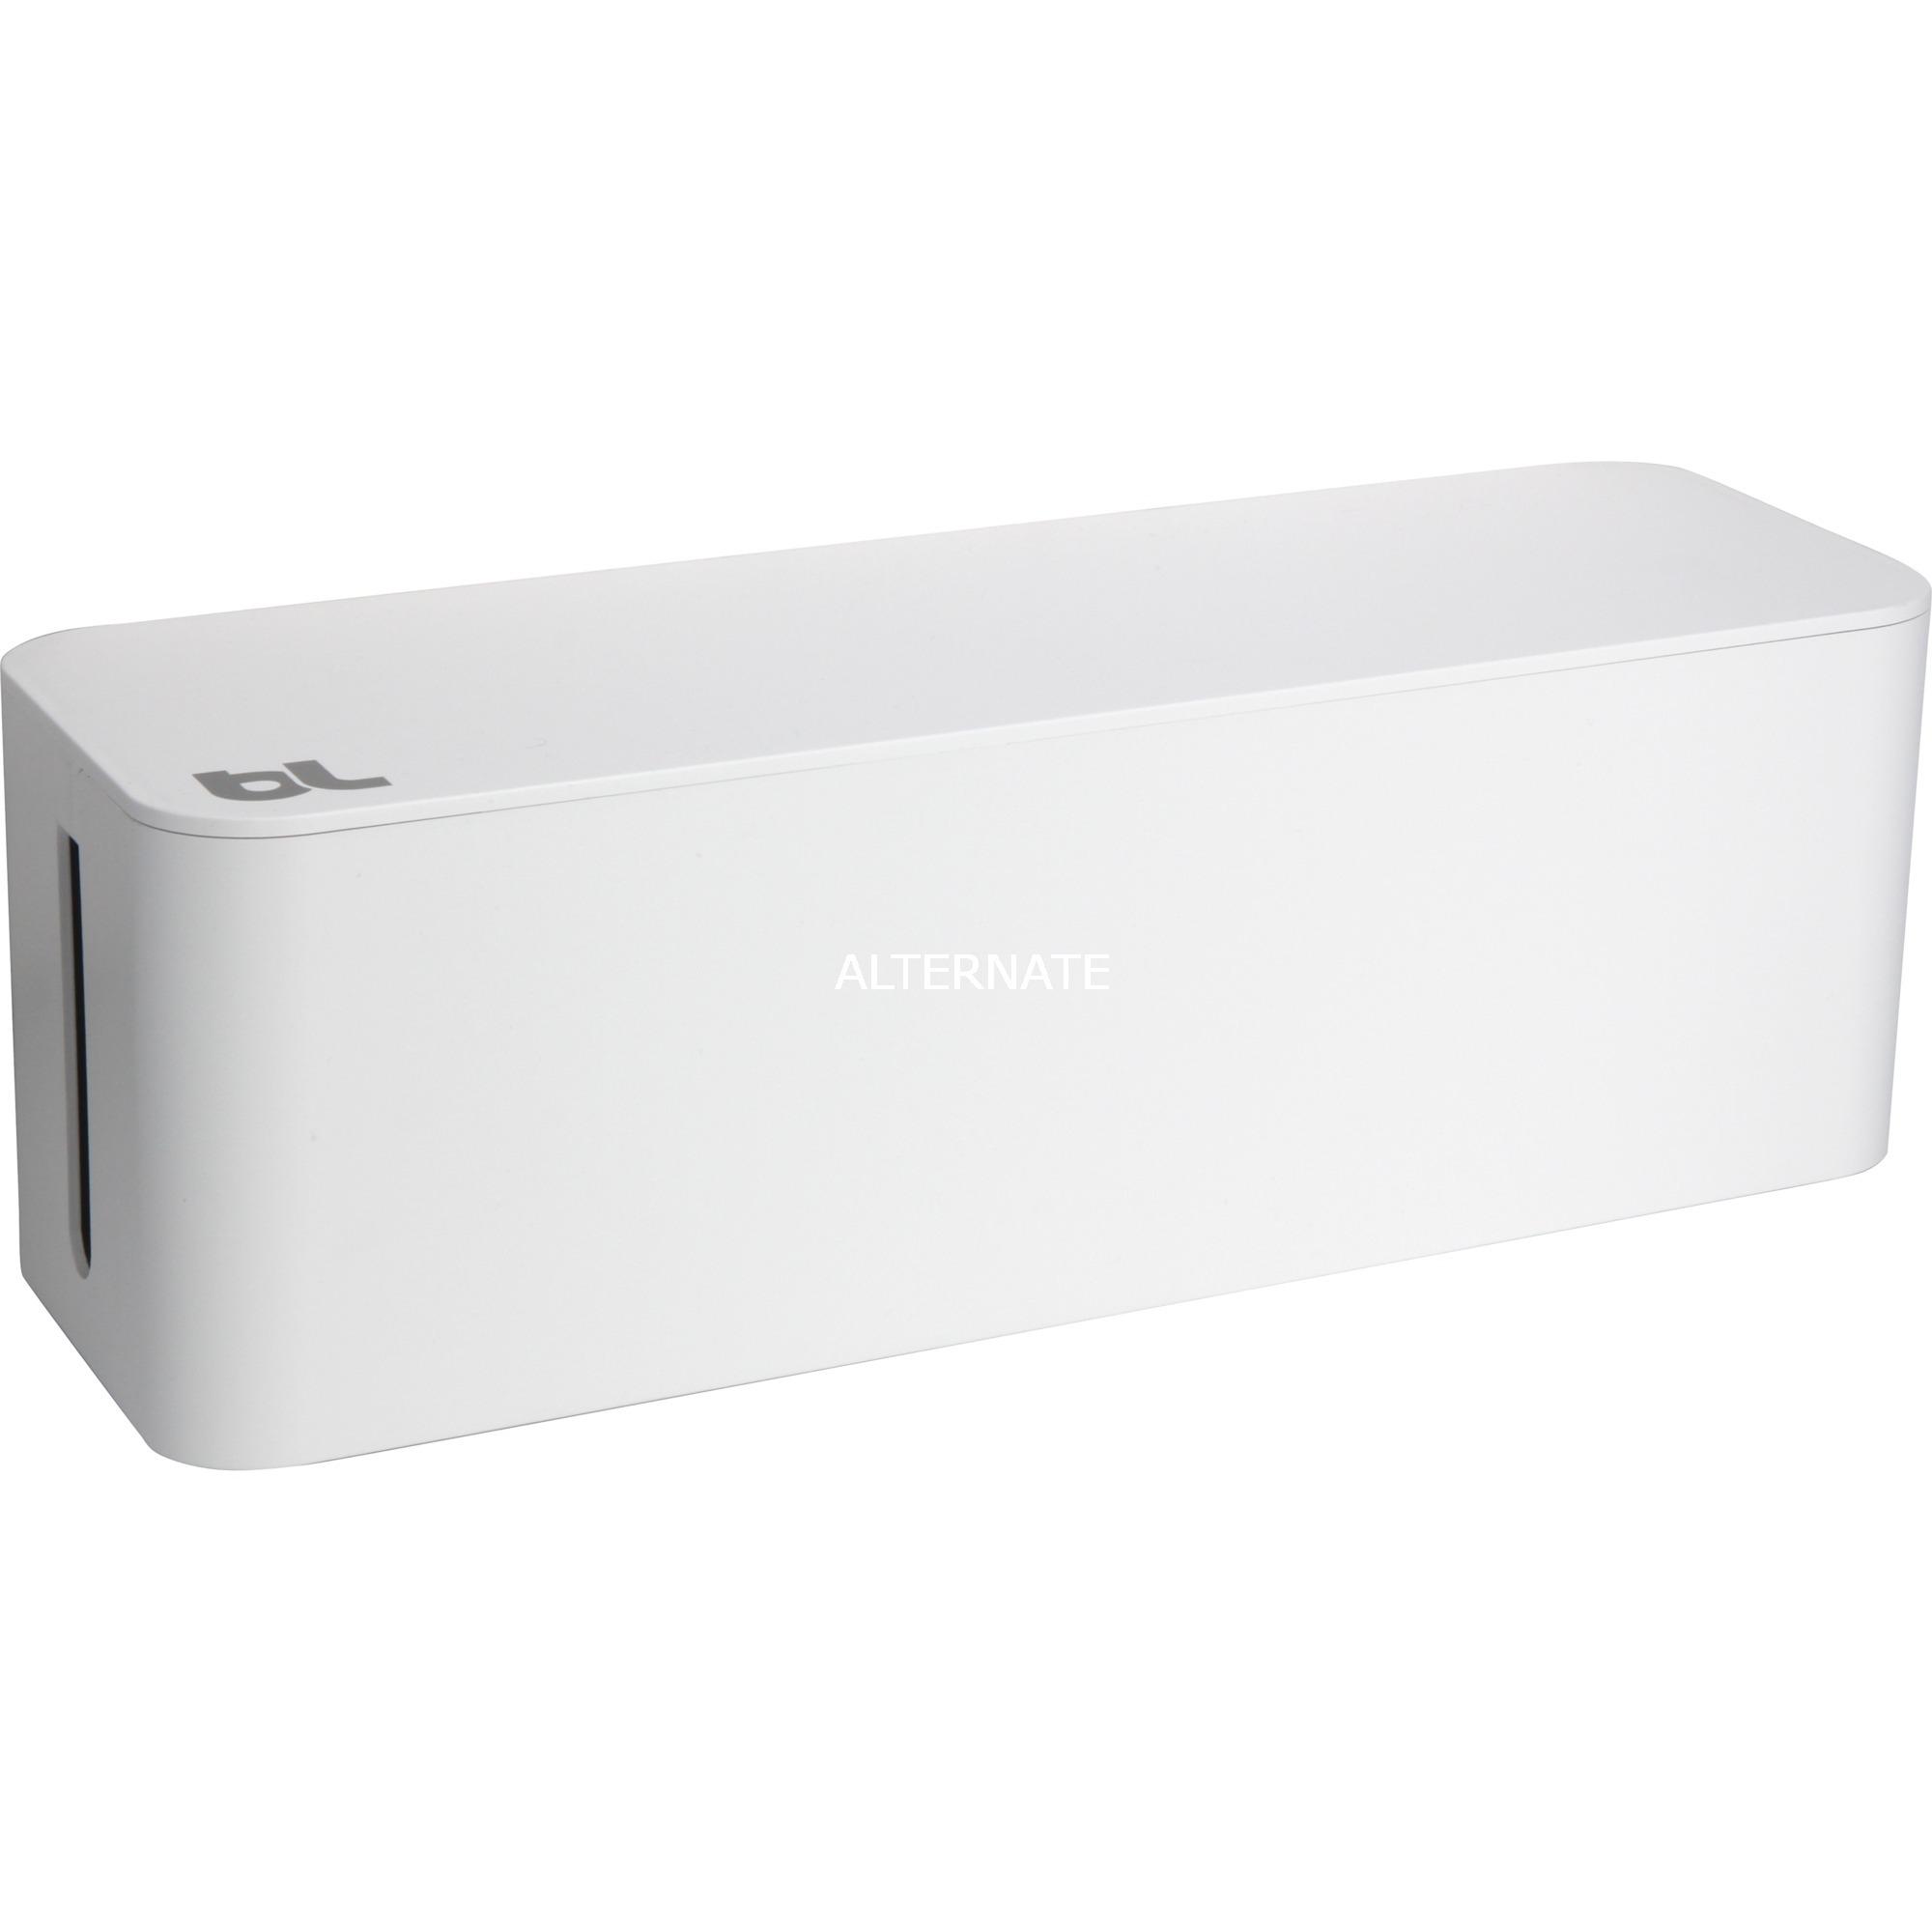 Cablebox Blanco, Almacenamiento